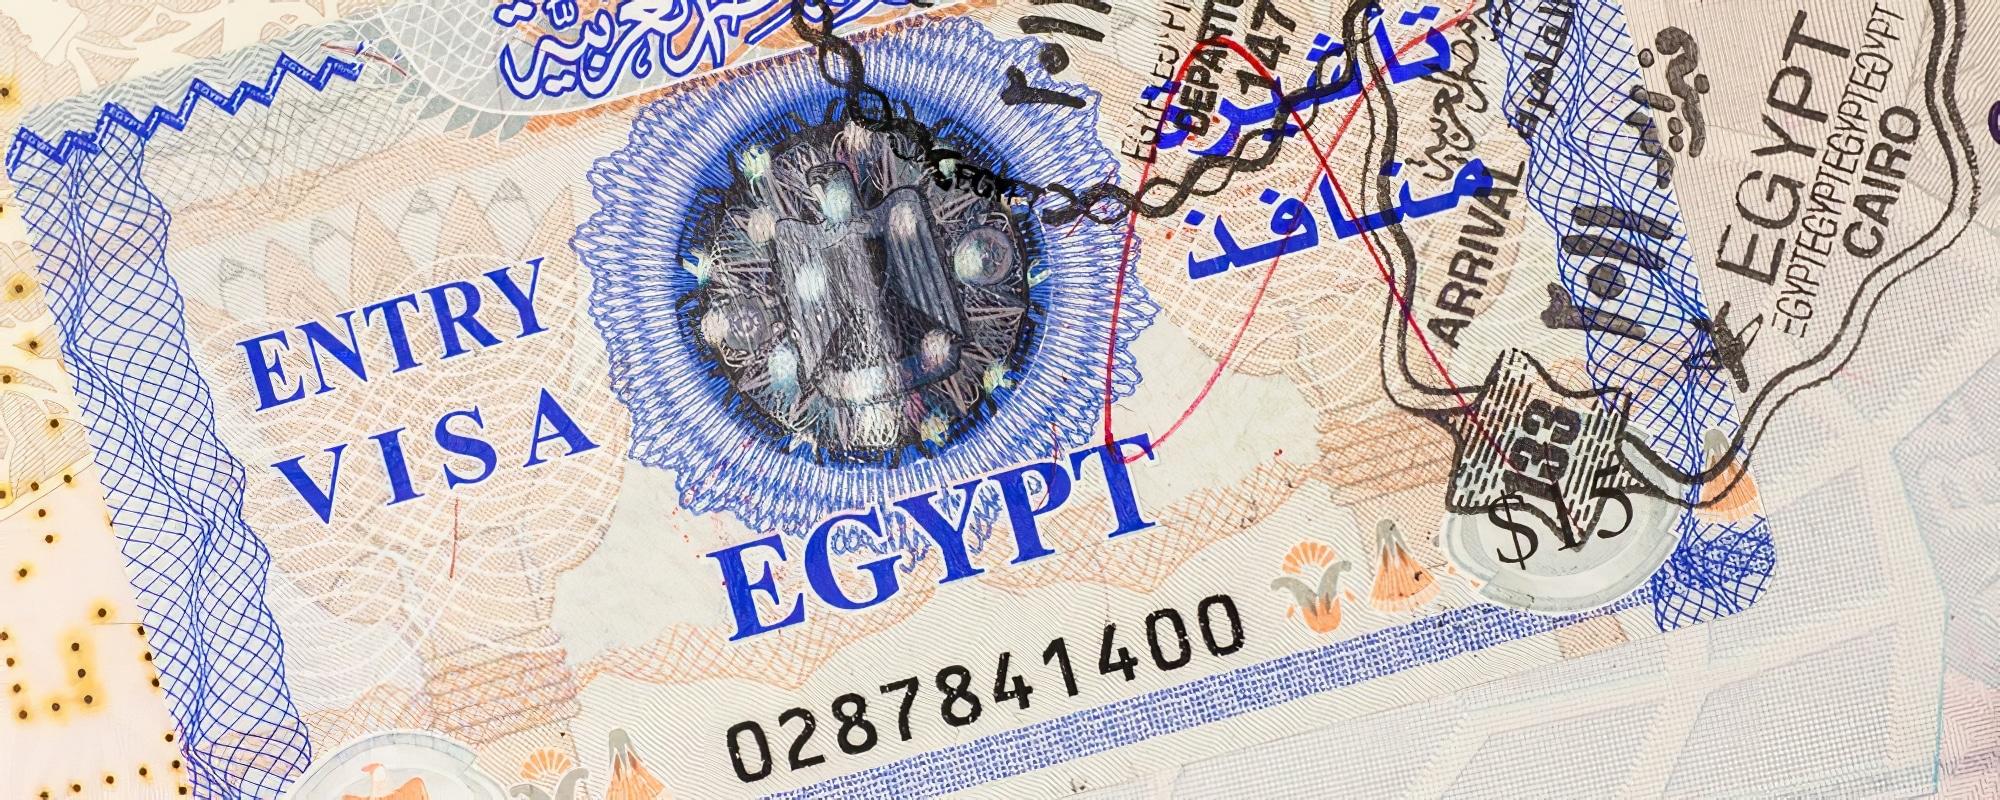 Comment obtenir son visa pour l'Égypte ?